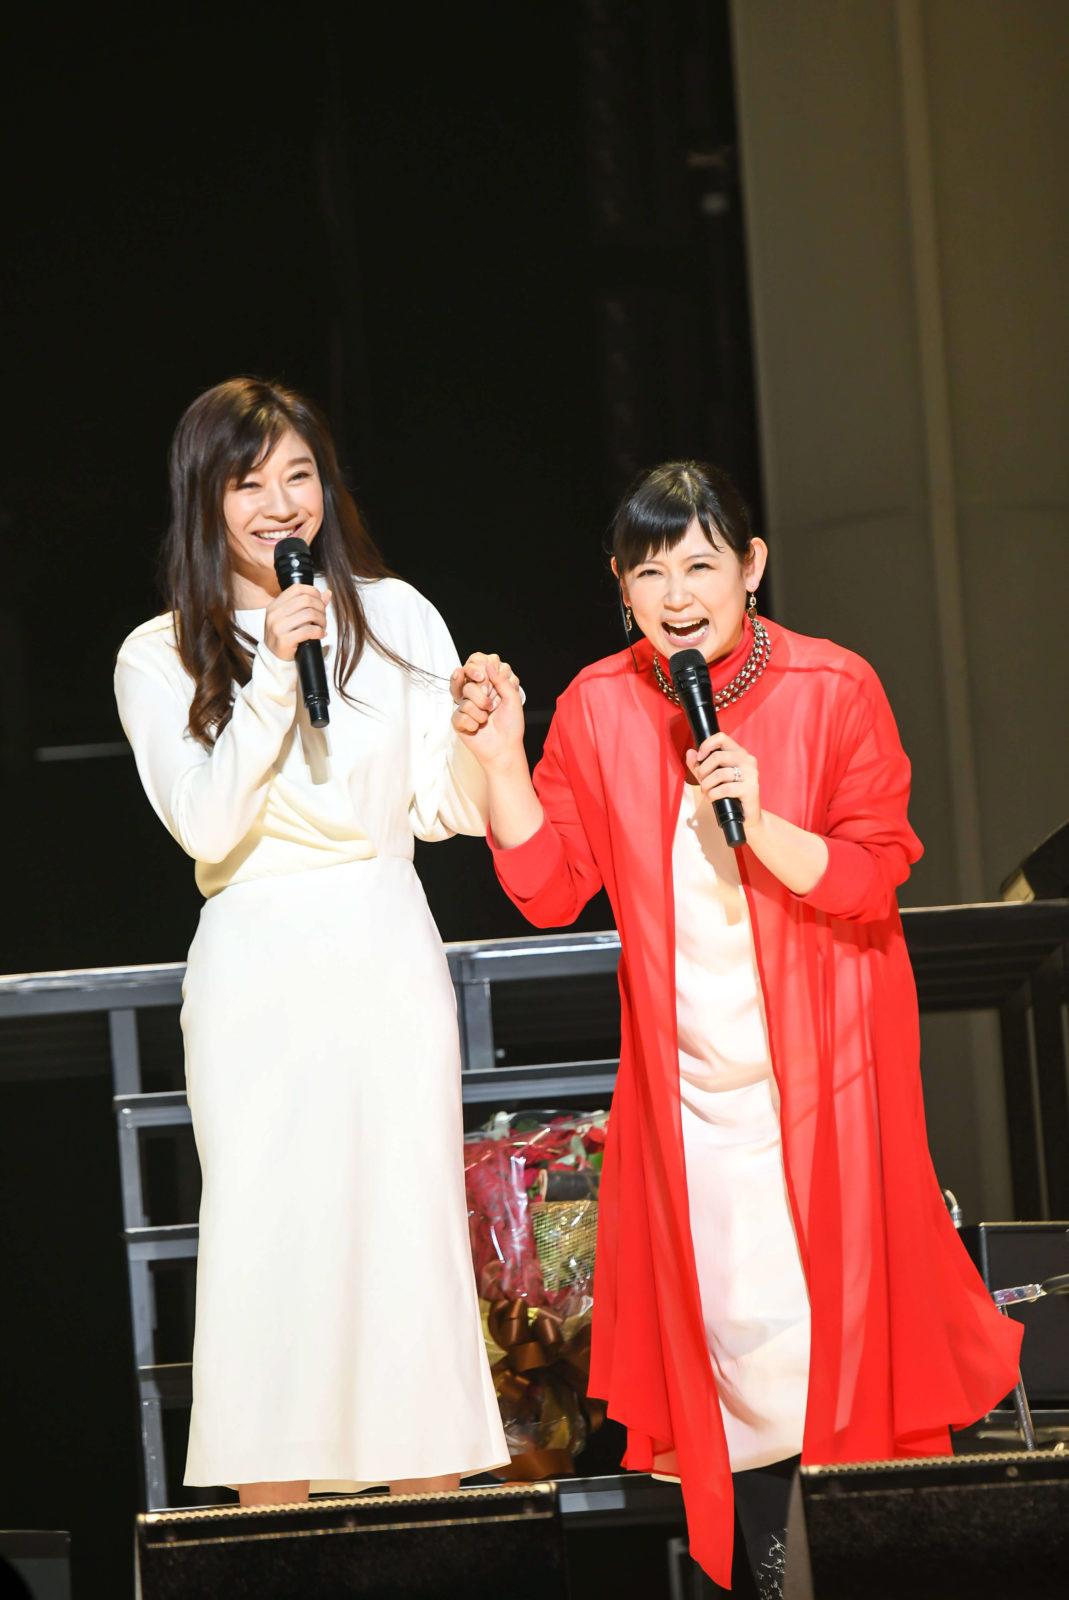 絢香、ライブツアーに篠原涼子がサプライズ登場サムネイル画像